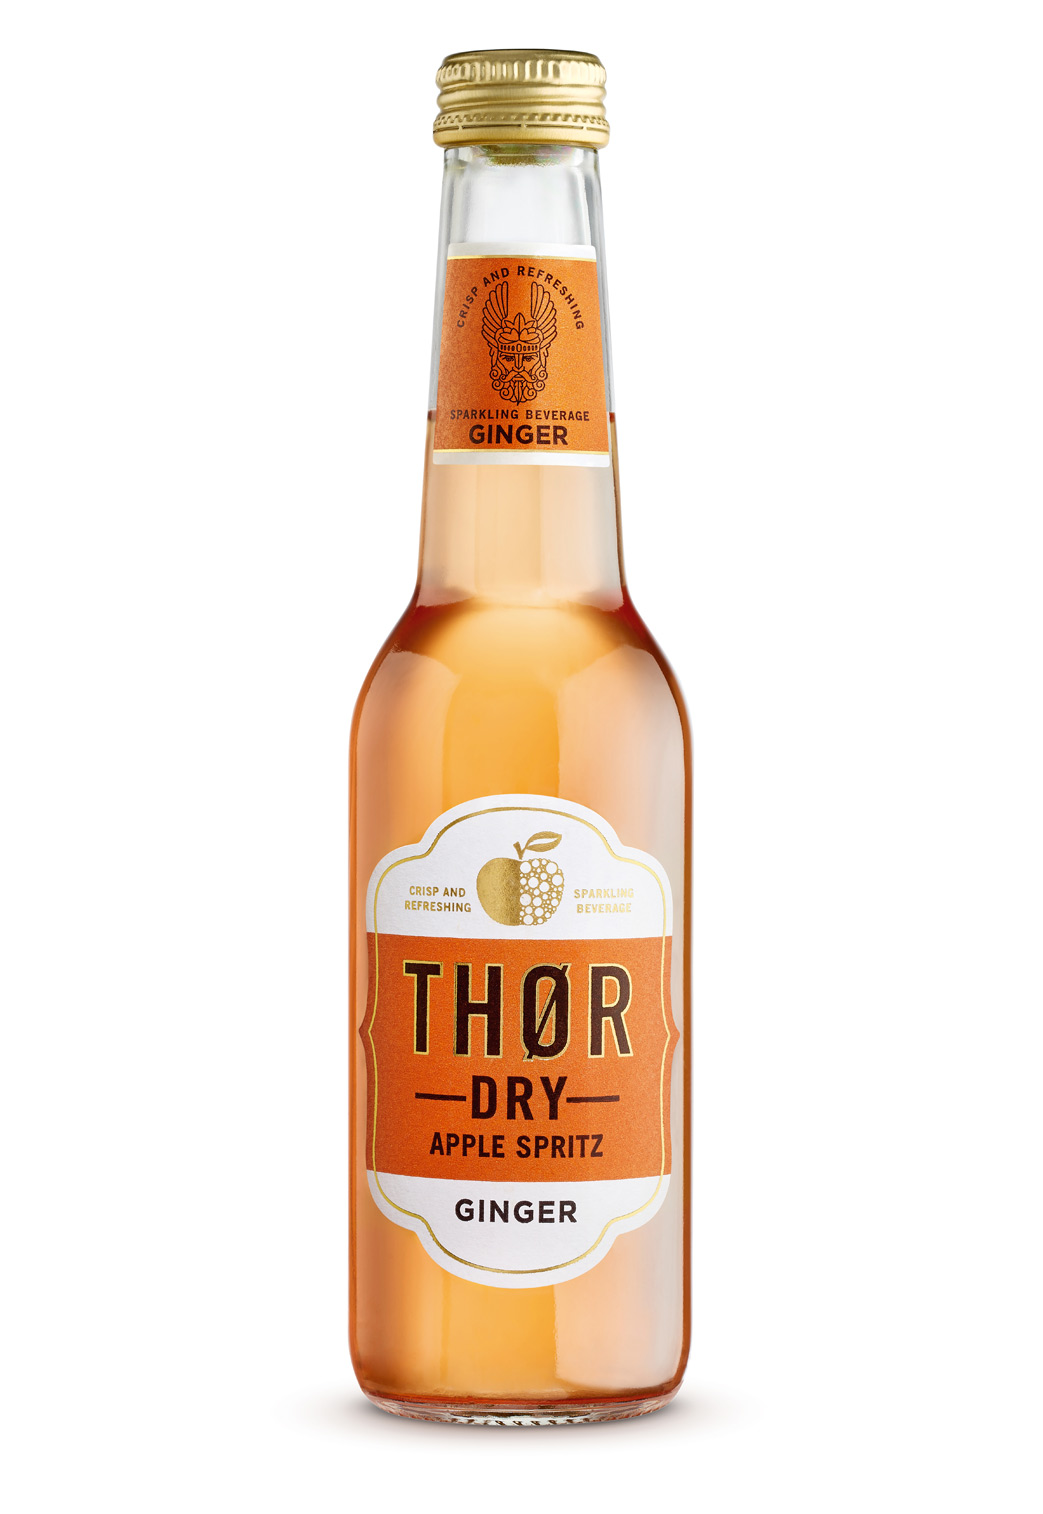 Thor Ginger